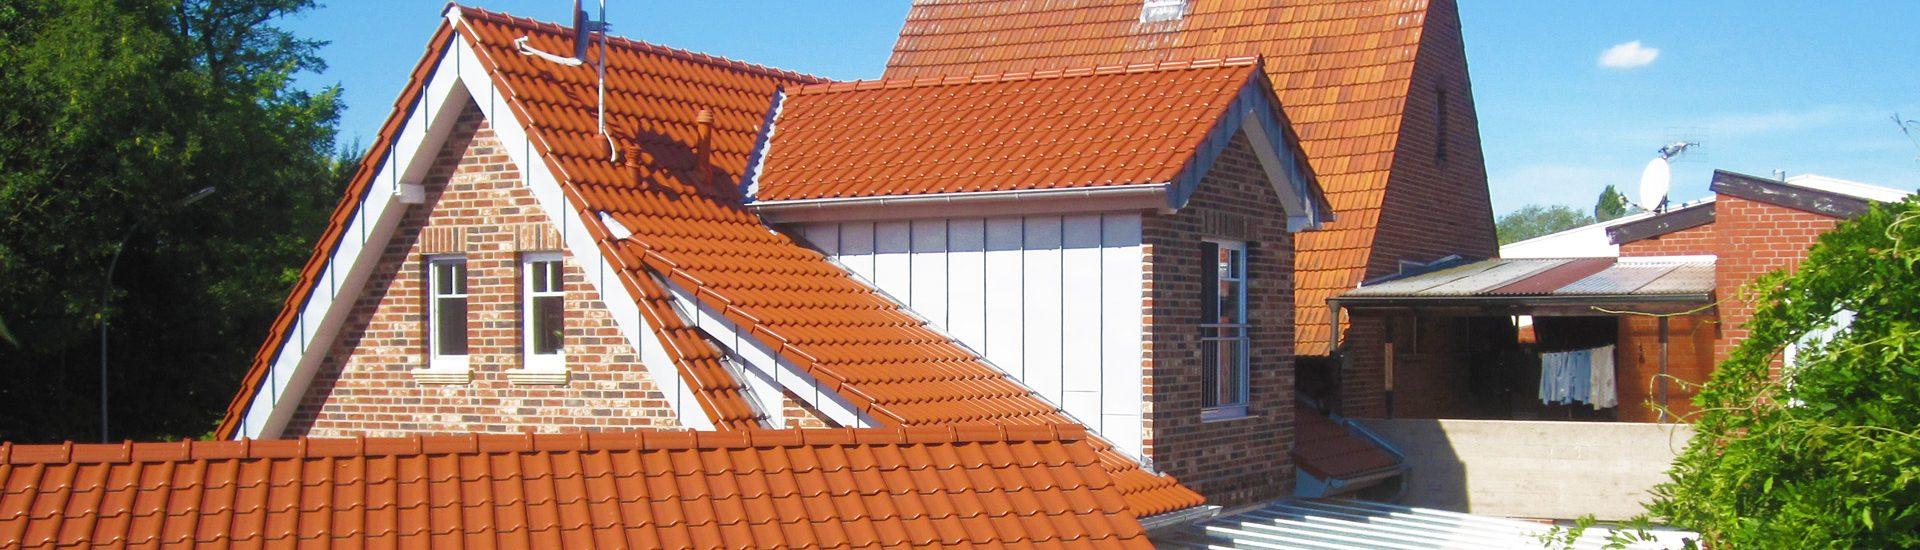 Eindeckung eines Neubaus mit Dachziegeln und Zinkbekleidung vom Dachdeckermeister Philipp Hölker aus Altenberge